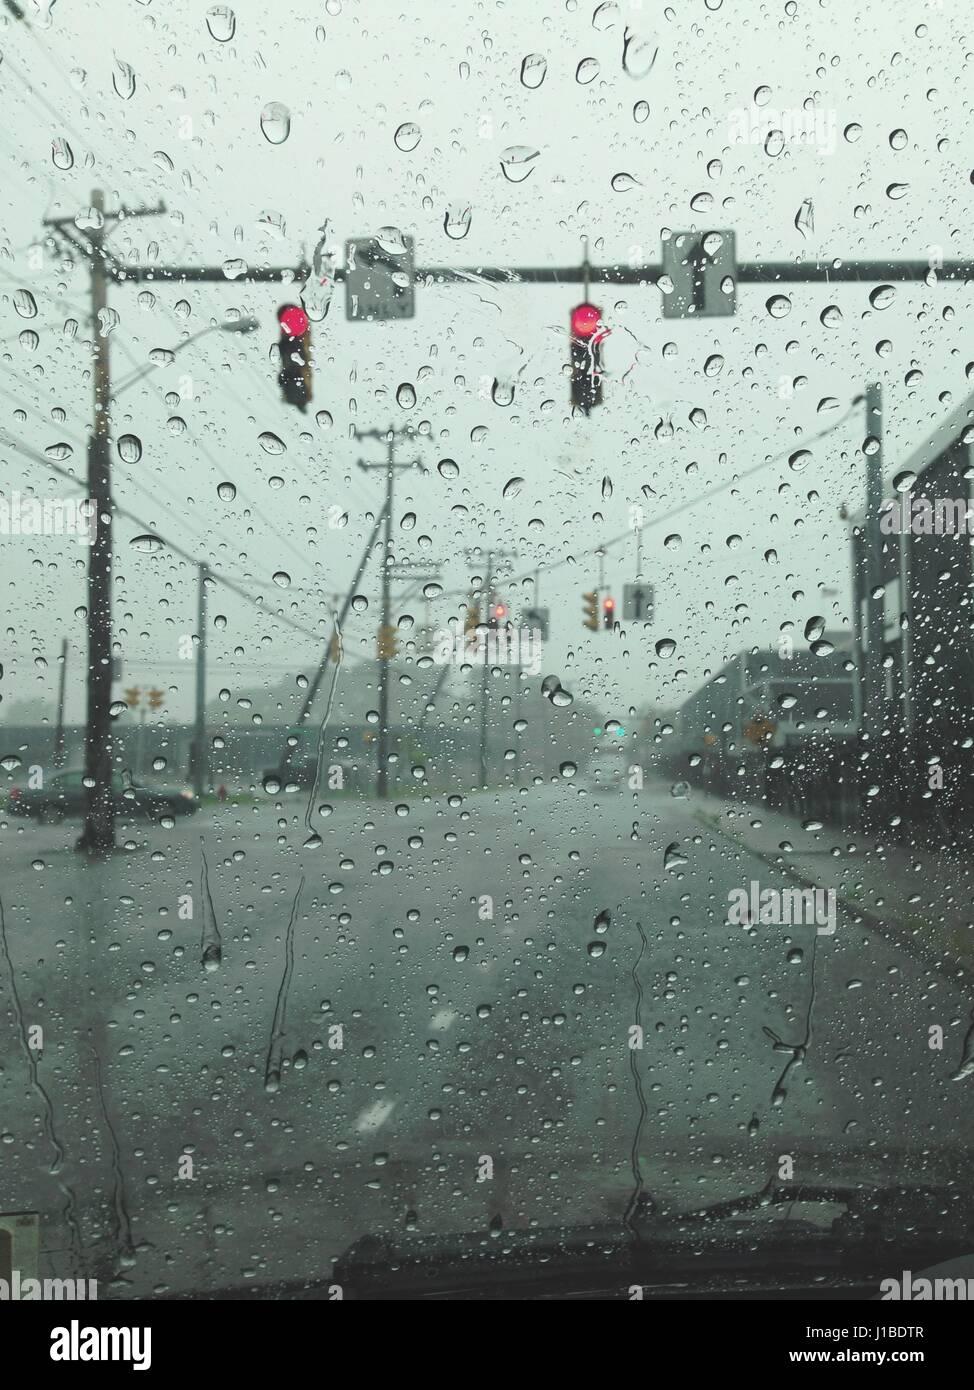 Rainy days in Syracuse, NY. - Stock Image